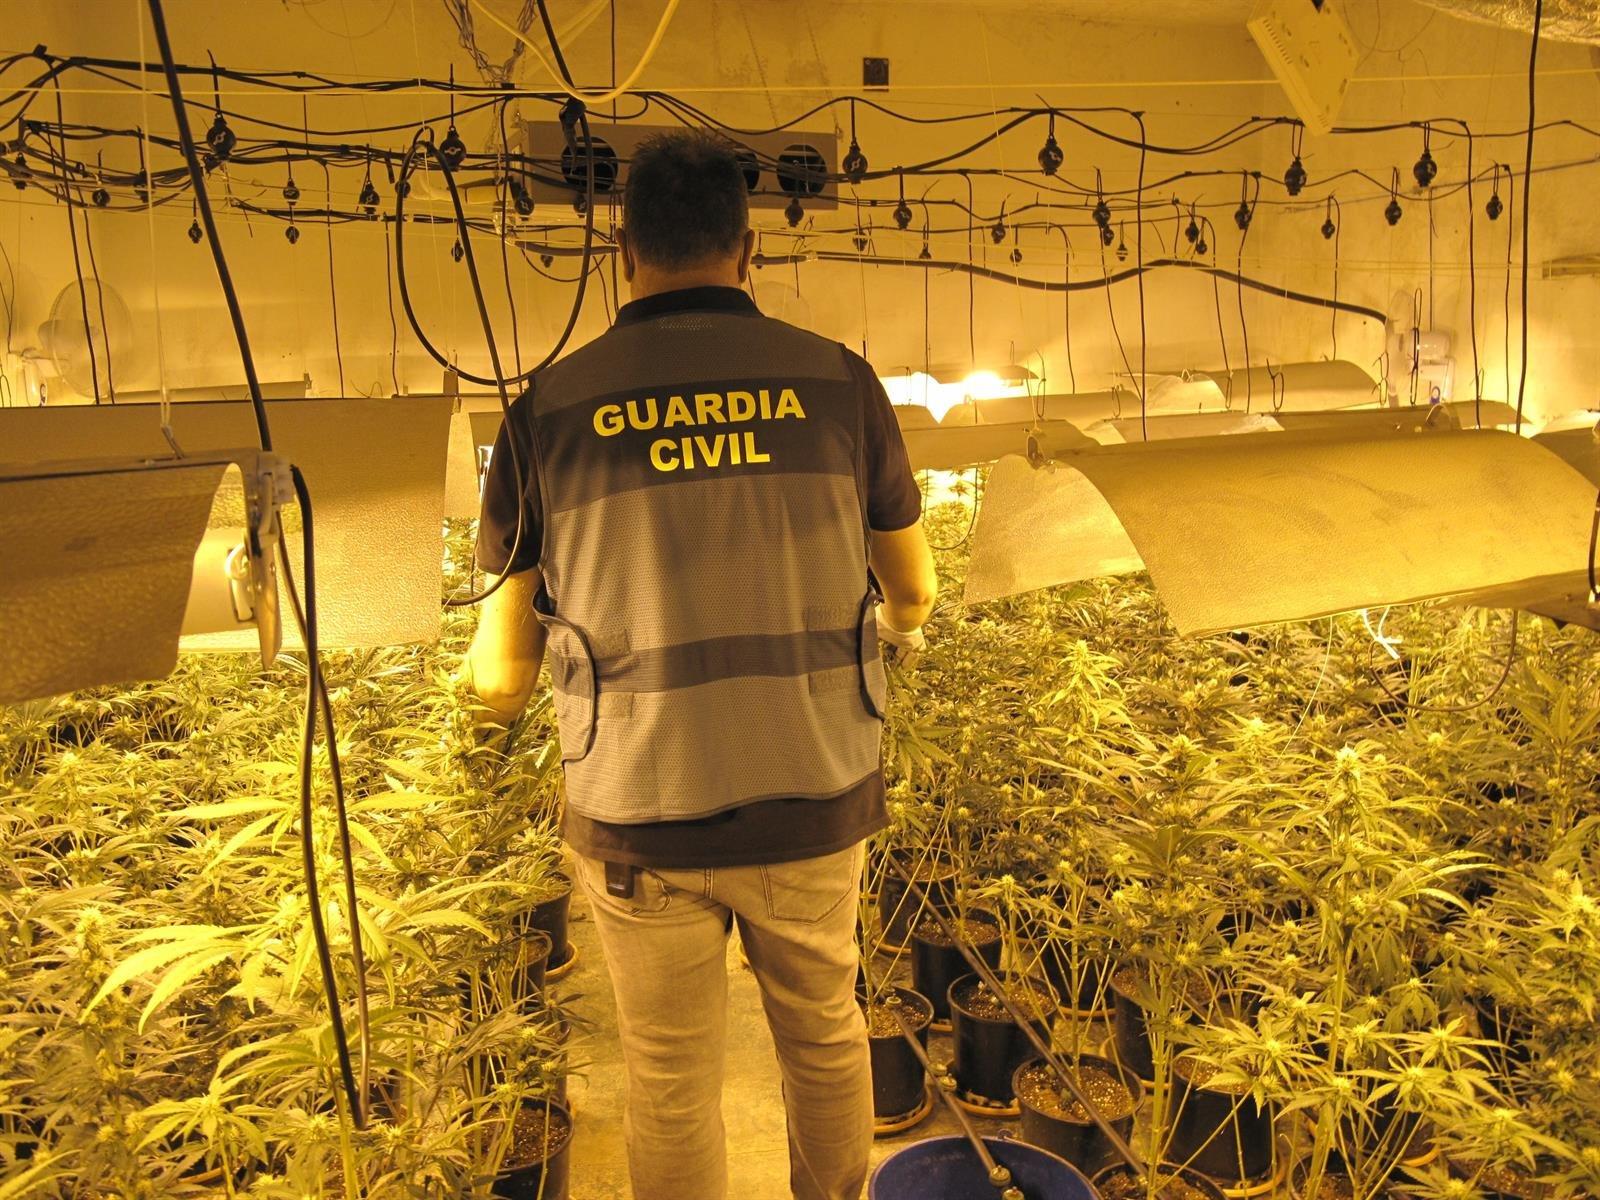 La Guardia Civil se incauta de más de 15.500 plantas de marihuana en julio